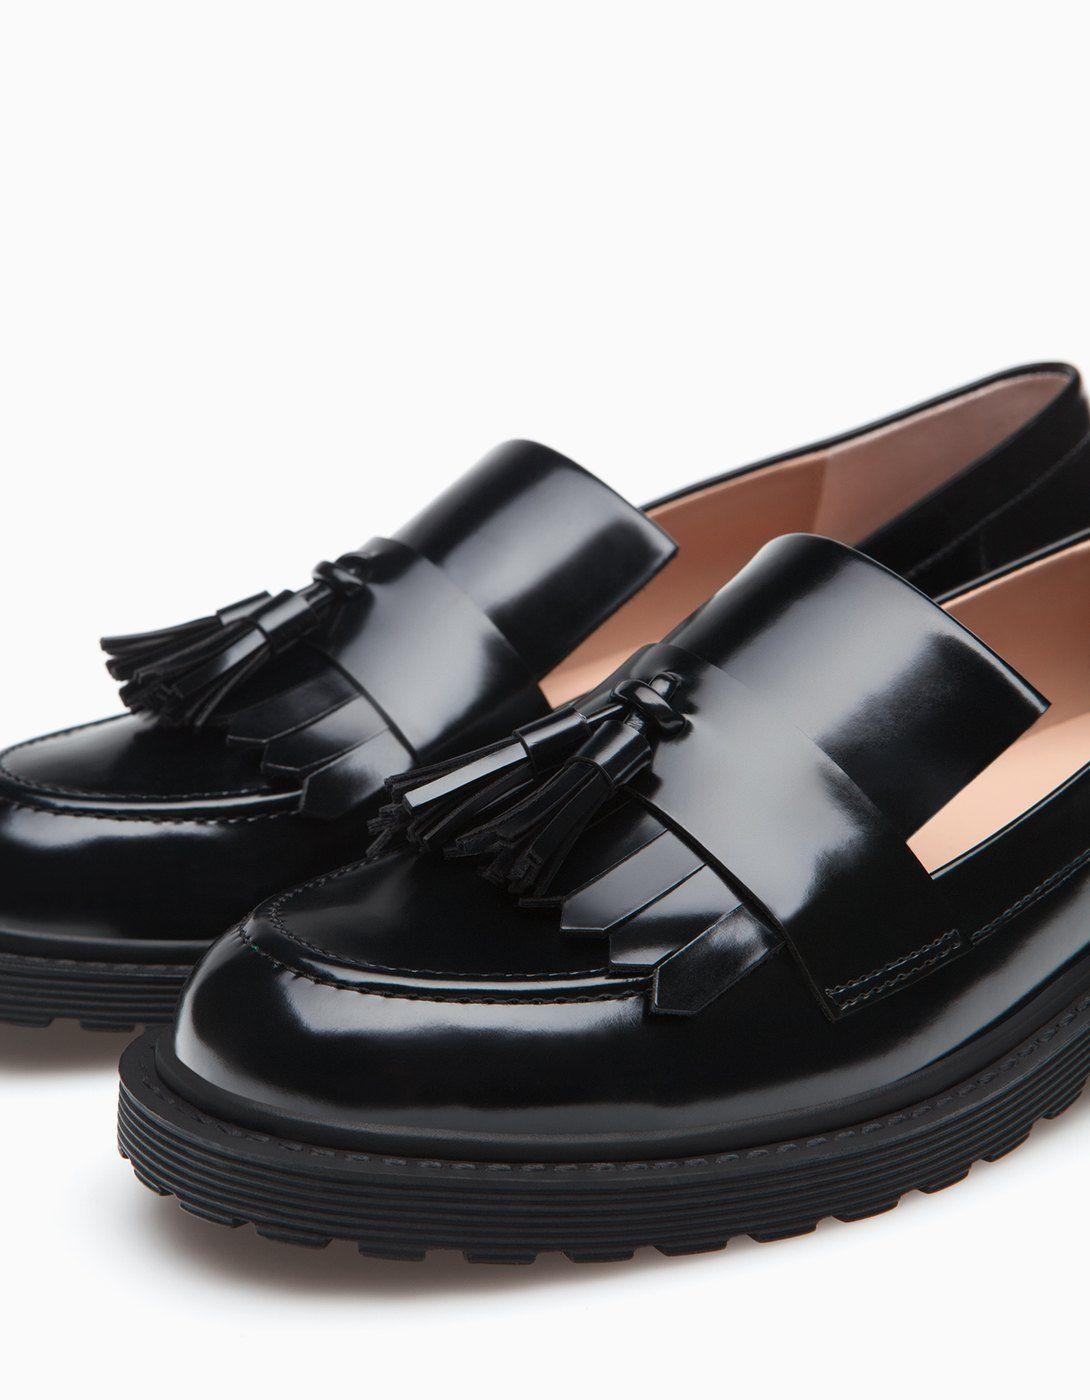 Lacer Des Chaussures Pour Hommes Richelieus, Derbies Et Richelieus En Vente, Bordeaux, Velours, 2017, 36 Weitzman Stuart